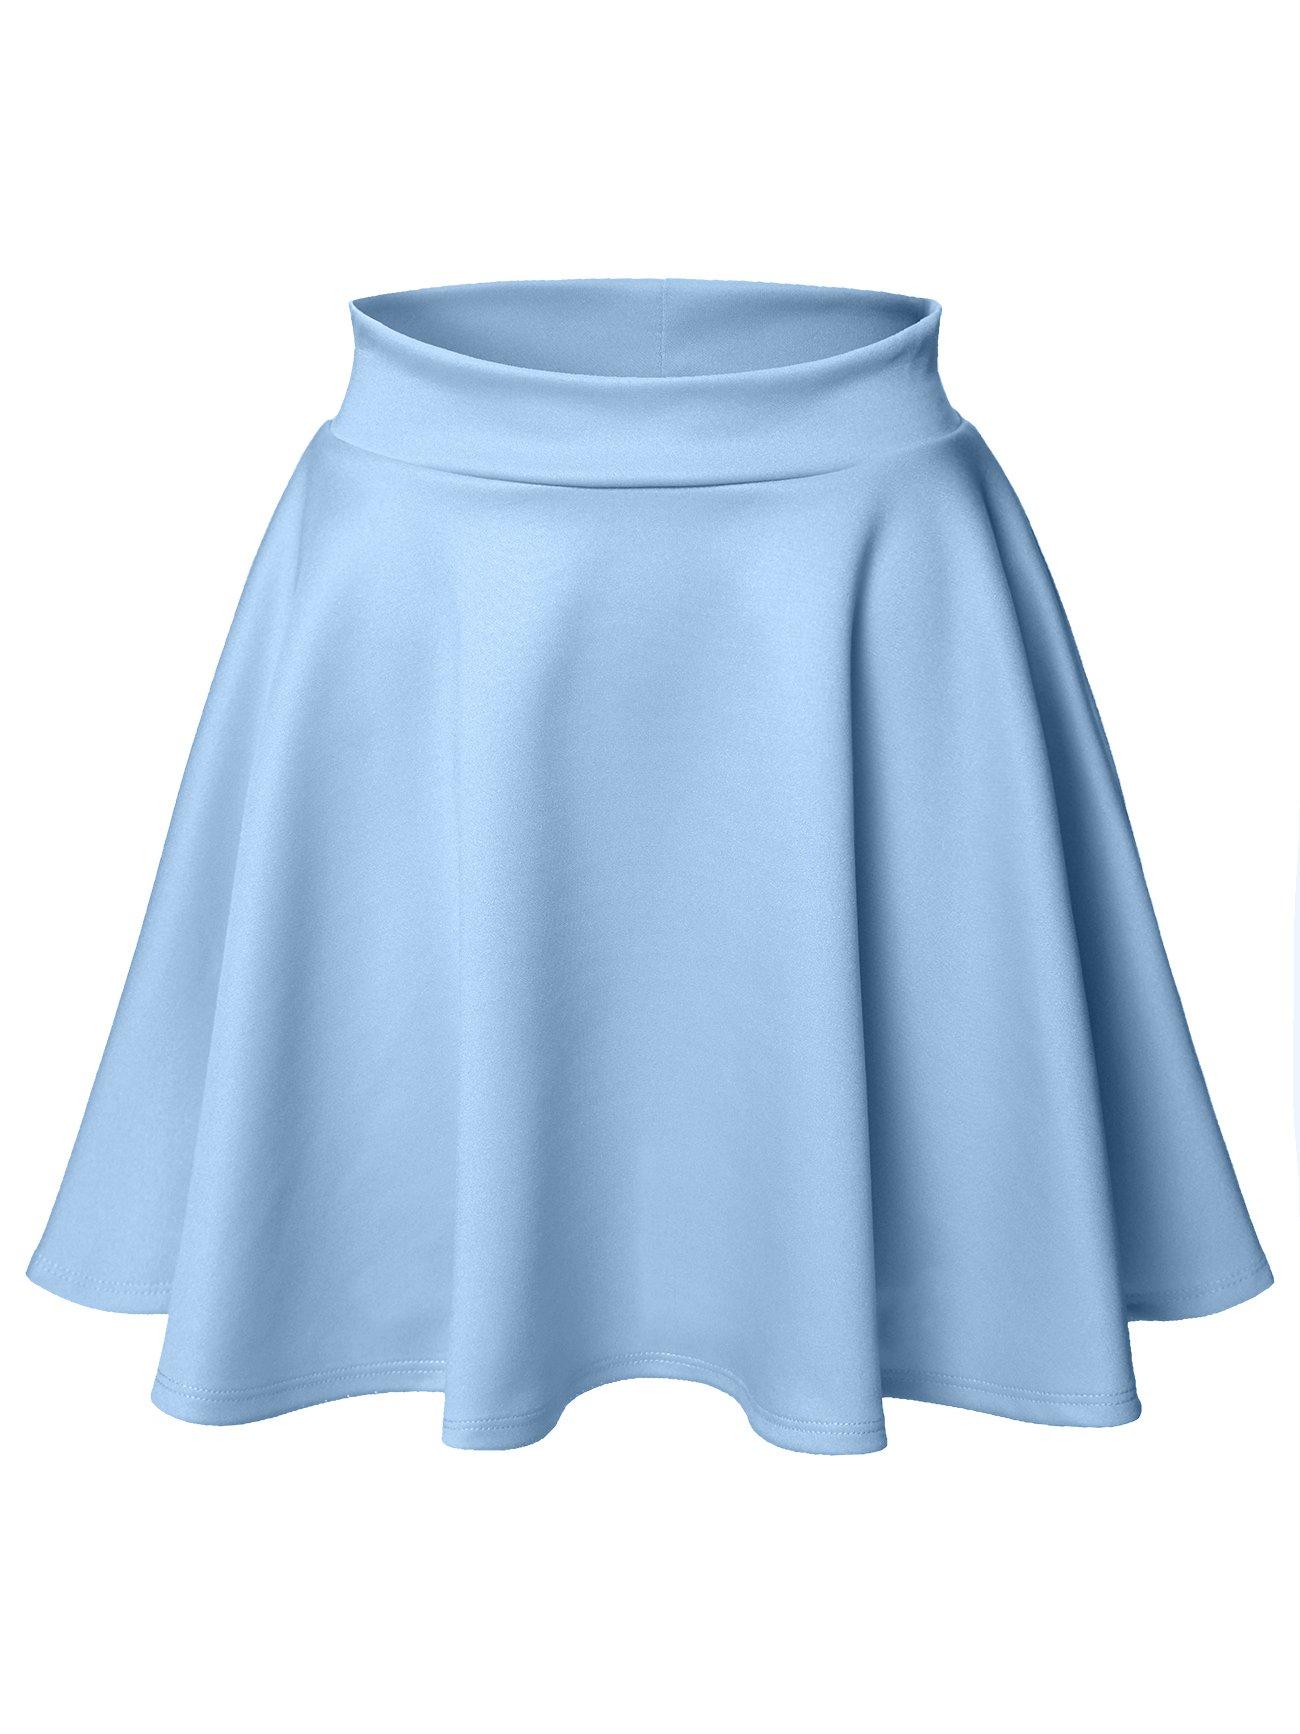 Luna Flower Women's Basic Versatile Stretchy Flared Skater Skirt Light_Blue Medium (LFWSK0009)